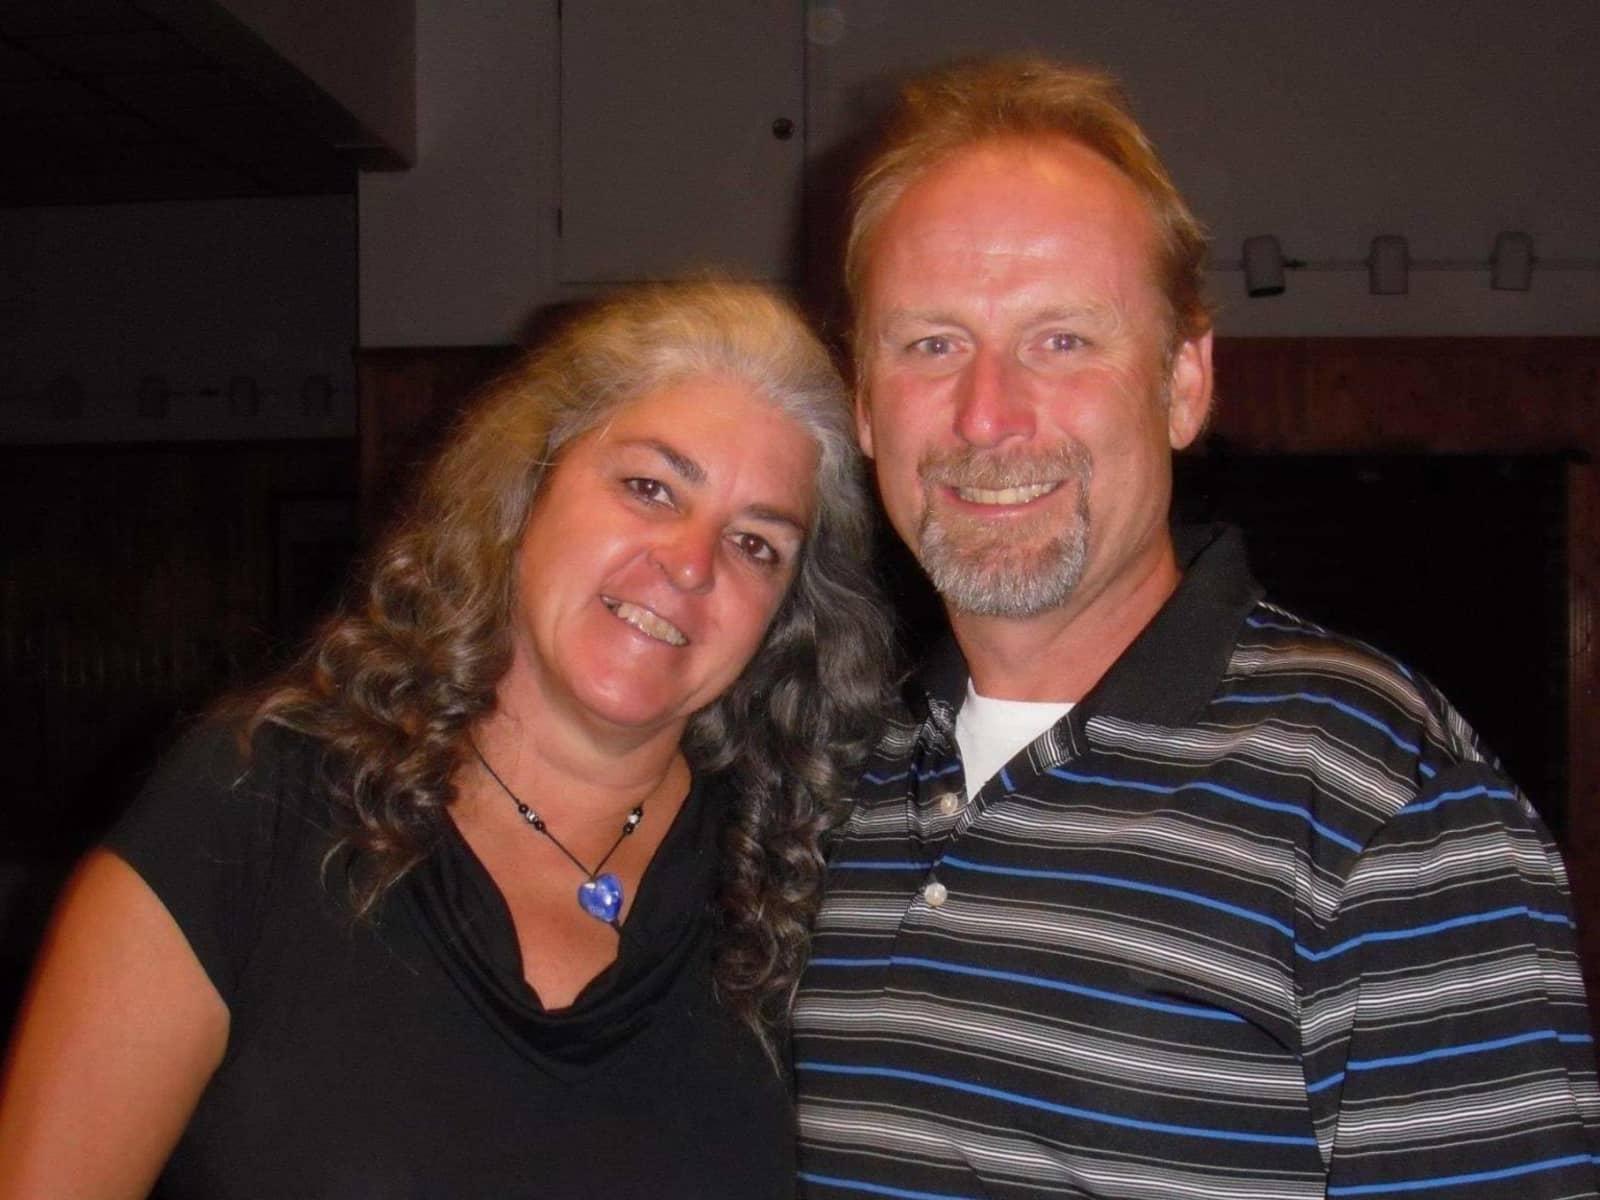 Manon & Joseph from Montréal, Quebec, Canada